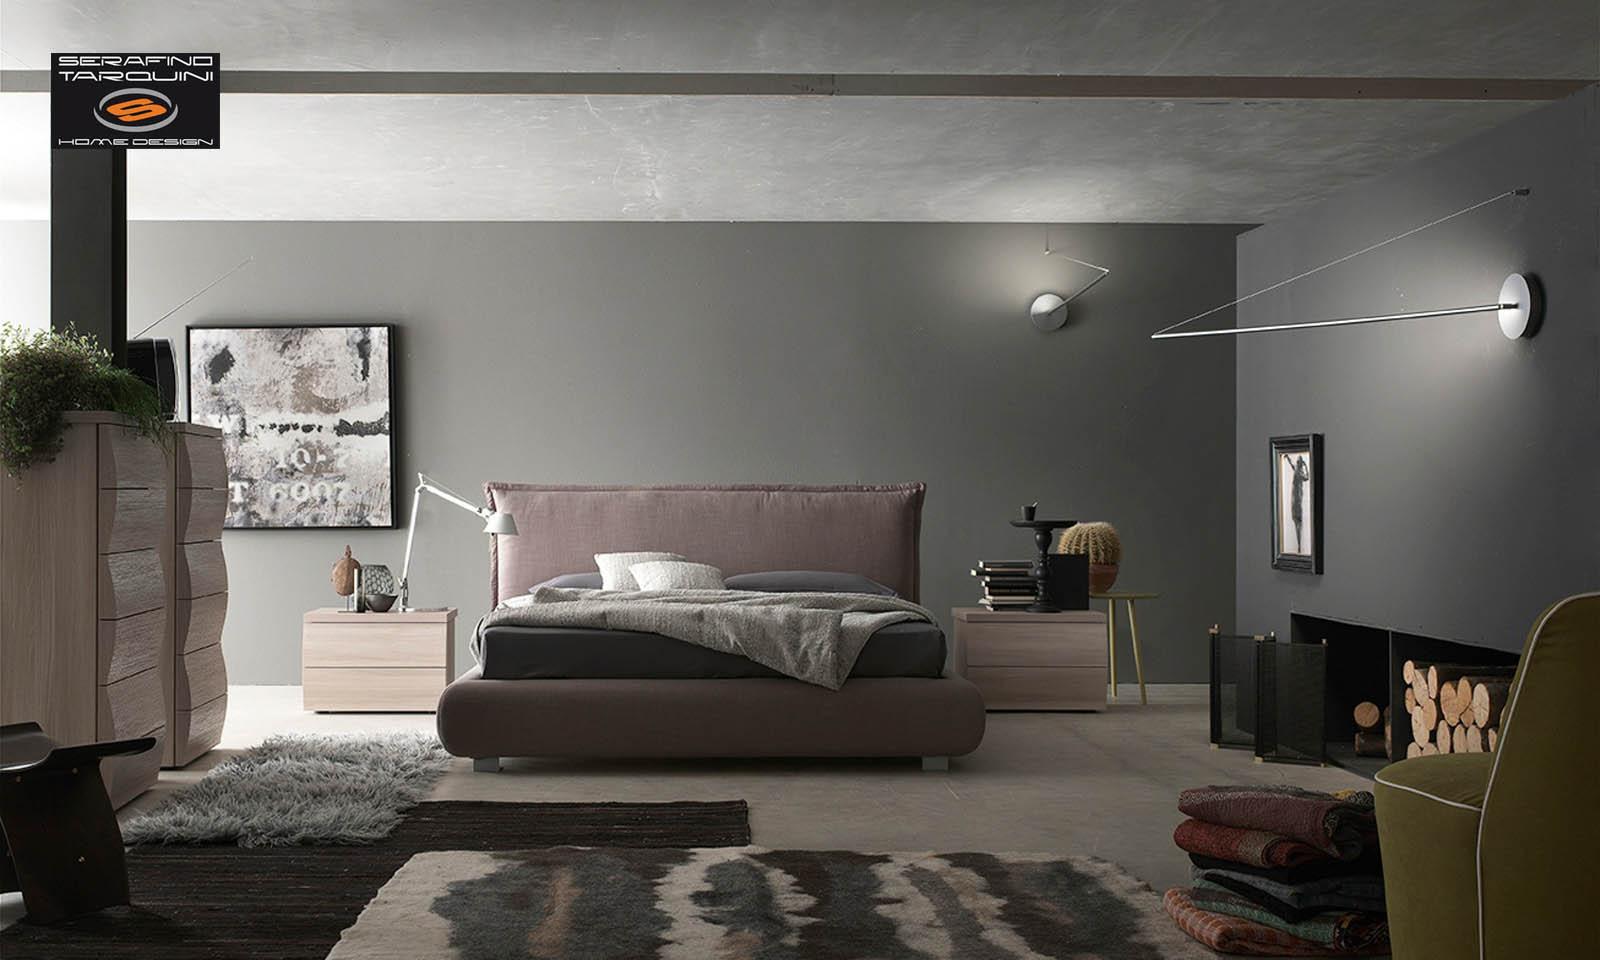 Camere Da Letto Divani E Divani.Catalogo Home Design Serafino Tarquini Arredamenti Corropolicucine